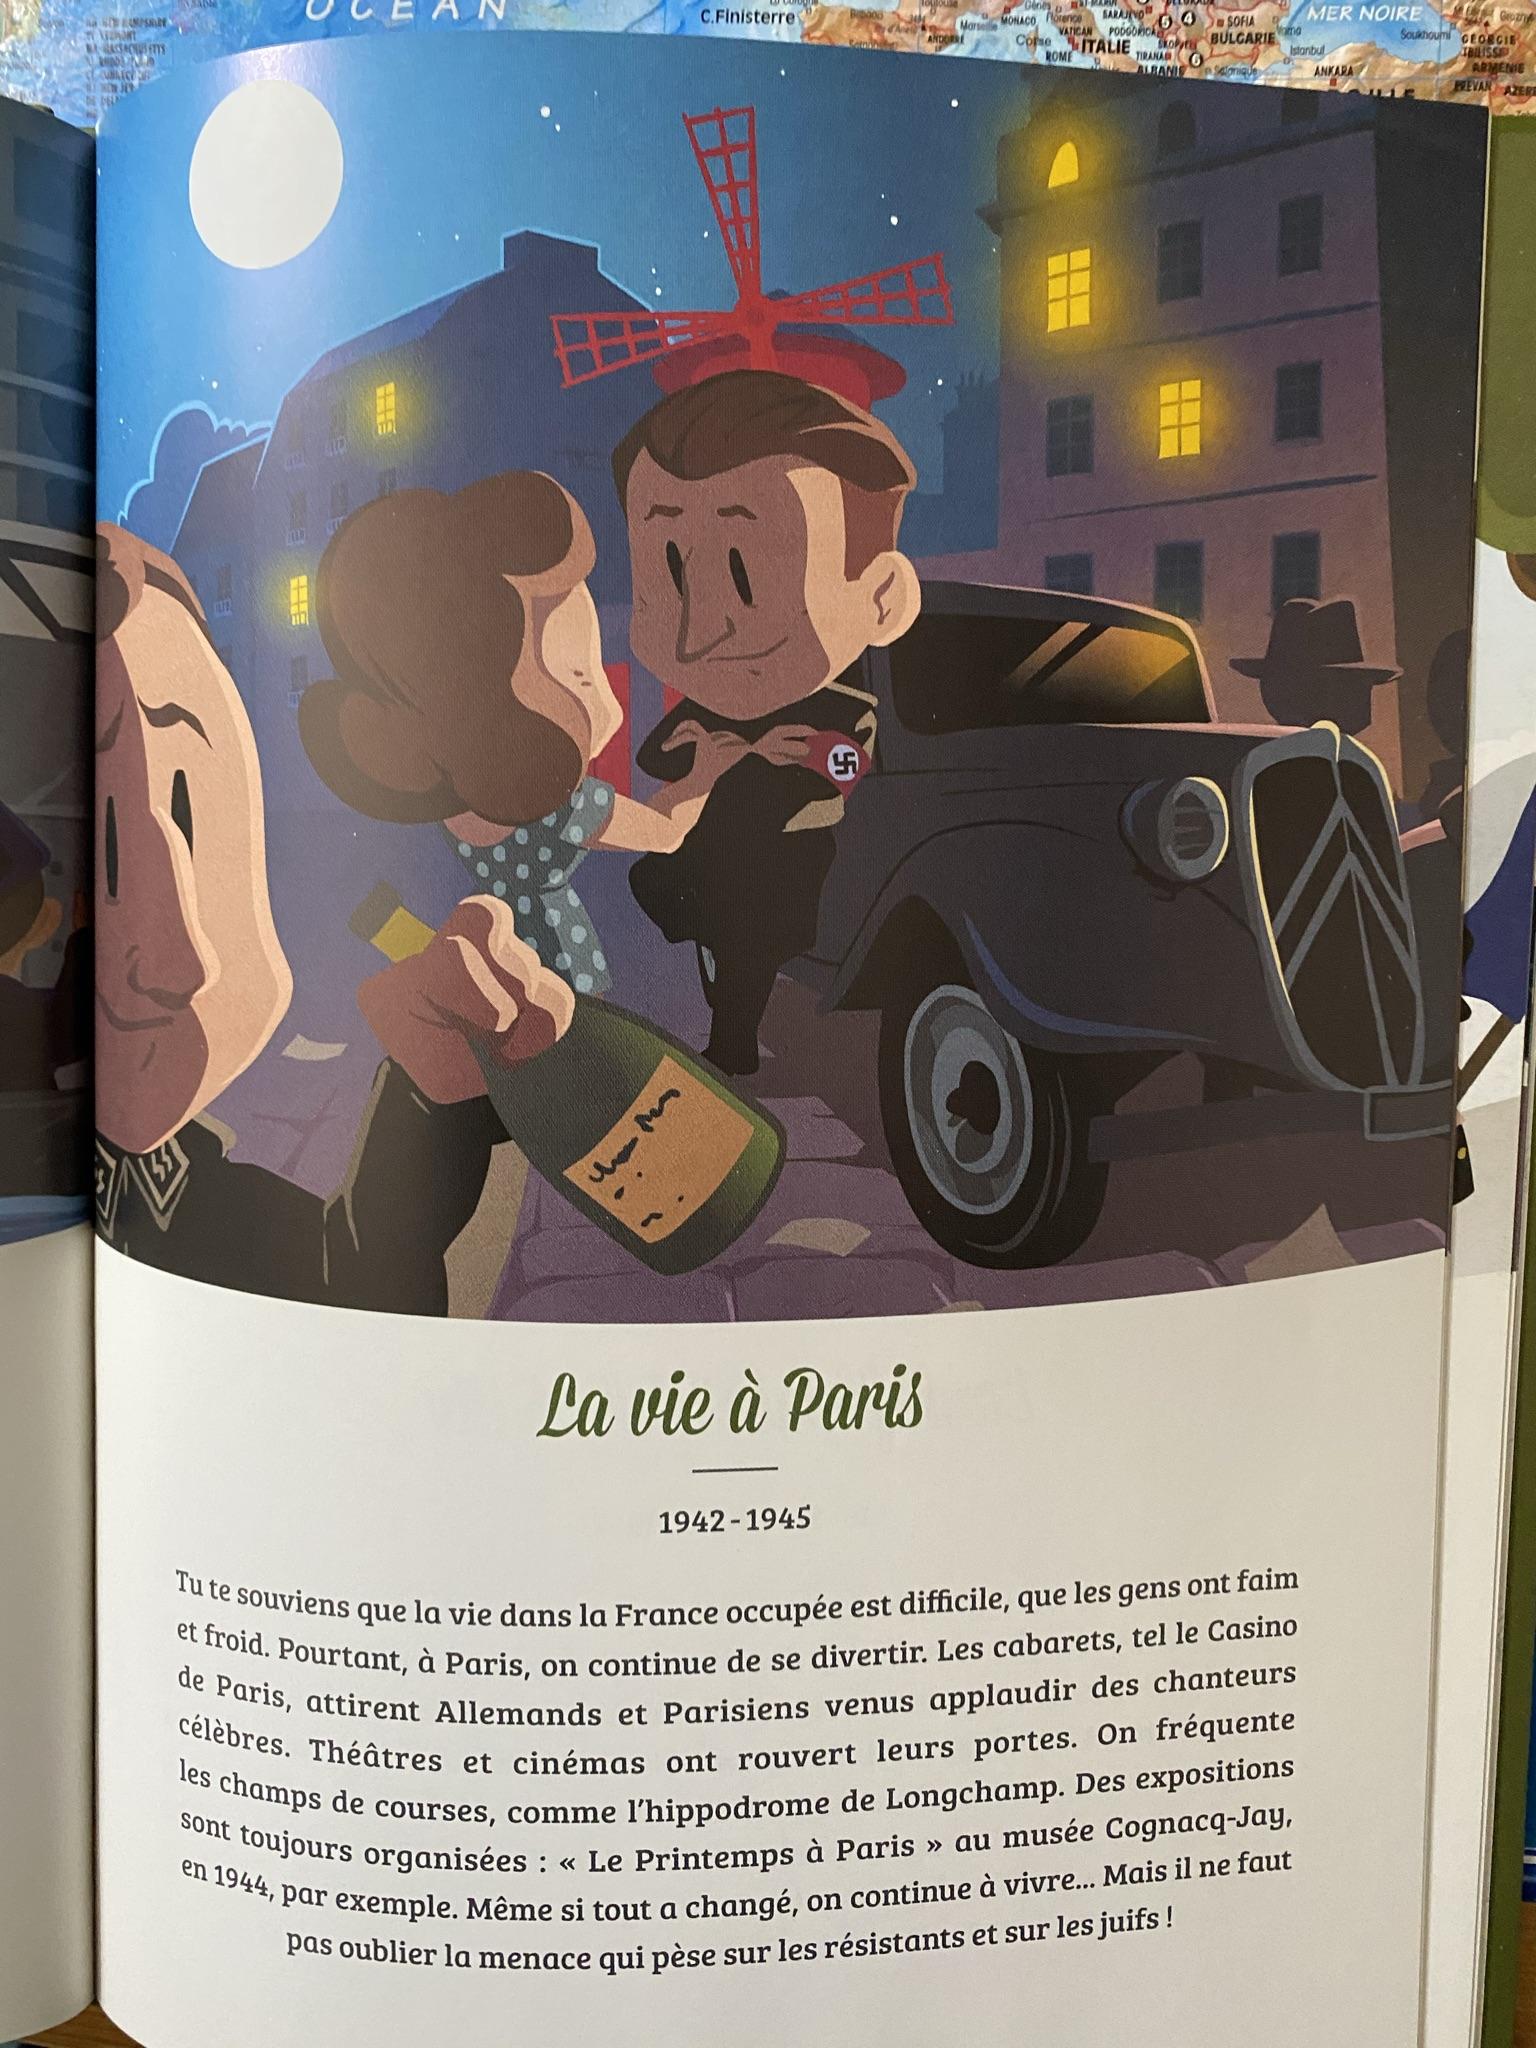 Жизнь в Париже в период оккупации